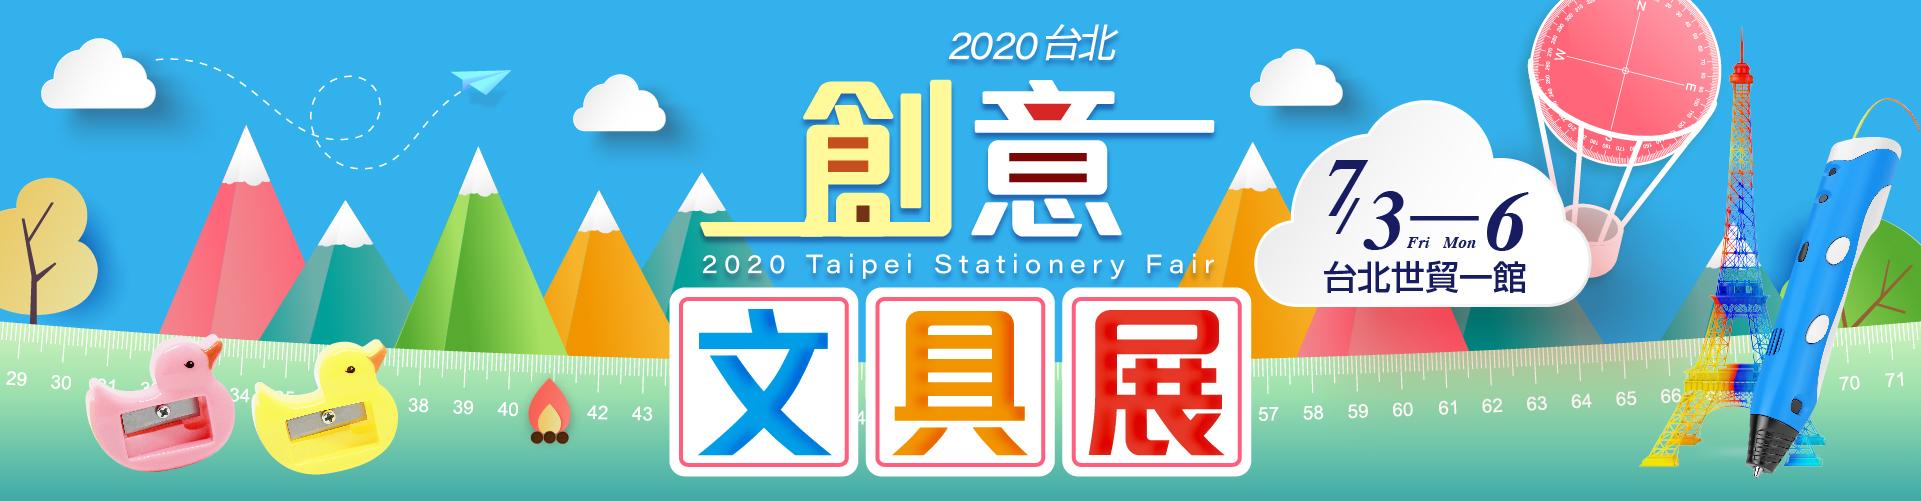 2020/07/03-07/06 台北創意文具展